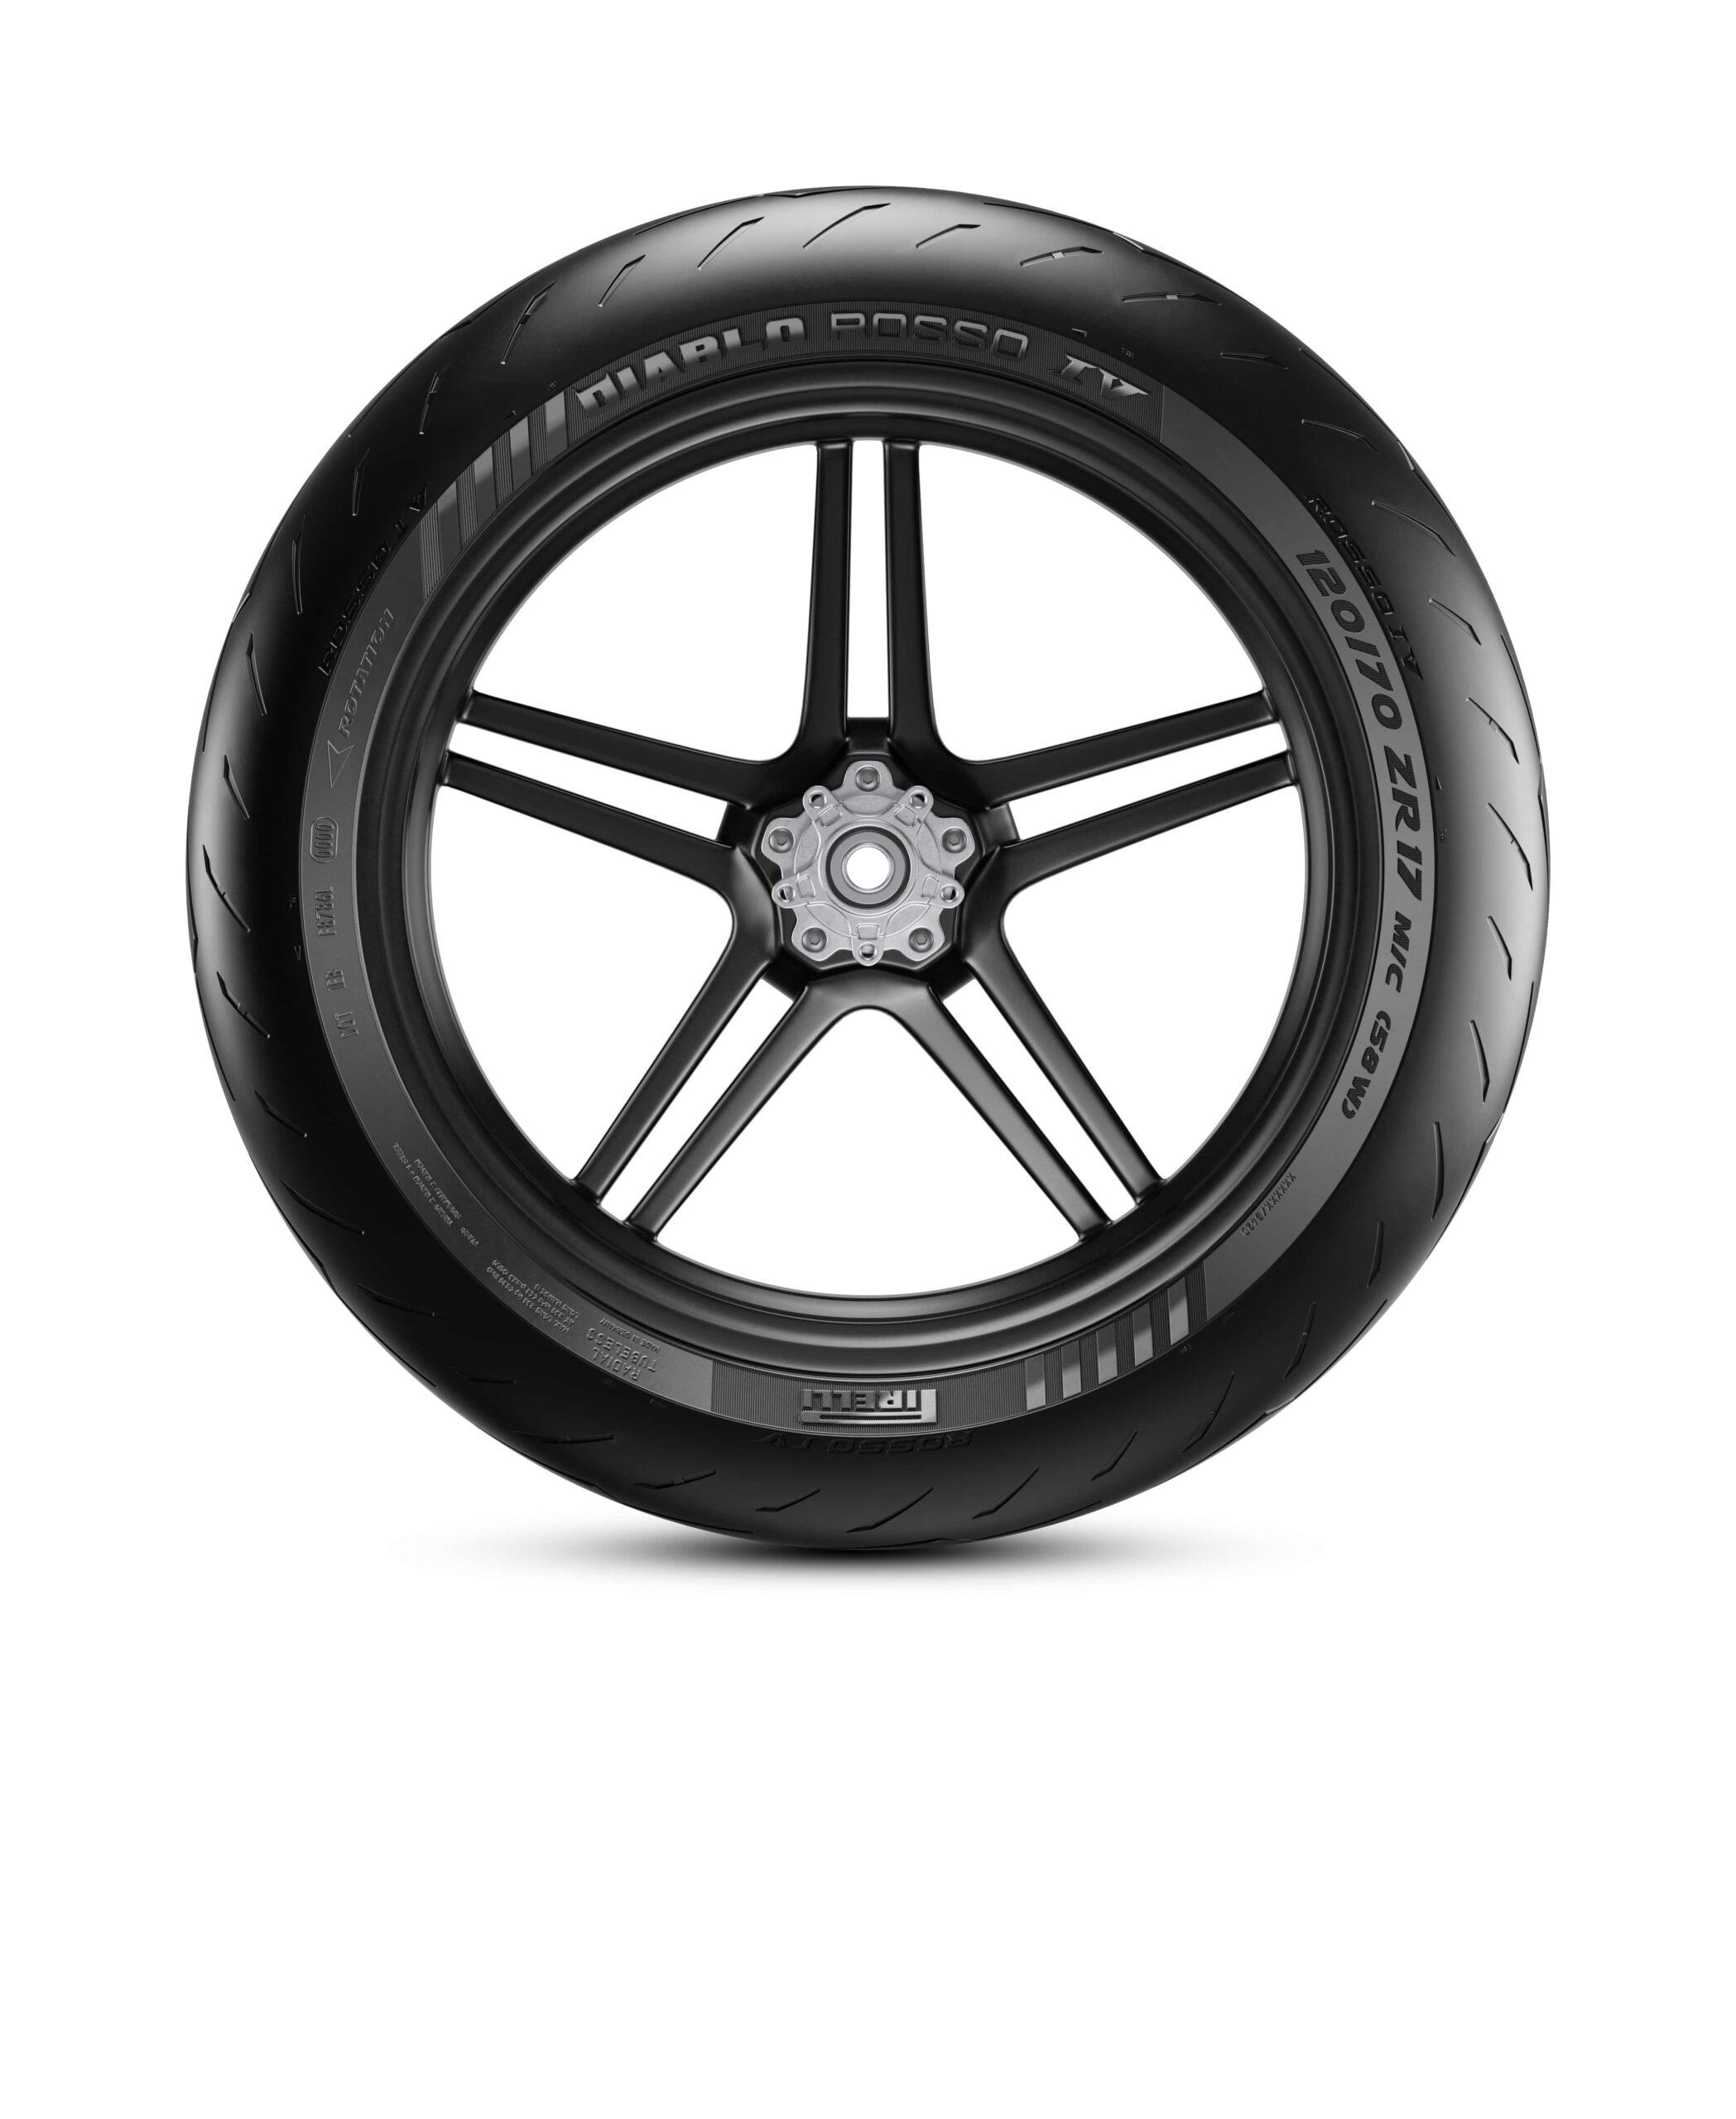 Pirelli DIABLO ROSSO 02